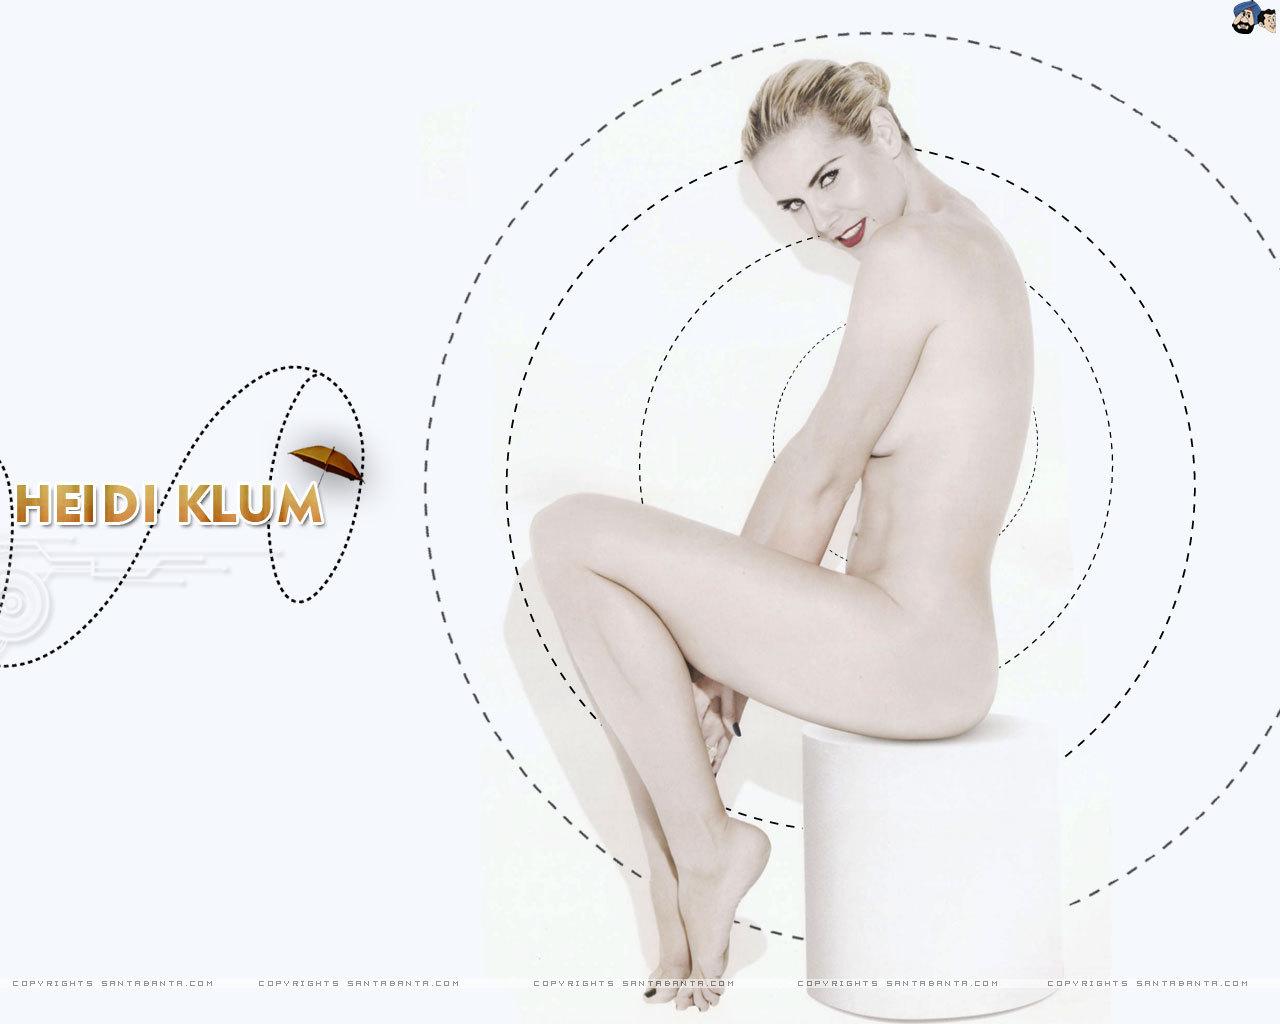 Heidi Klum - Picture Hot